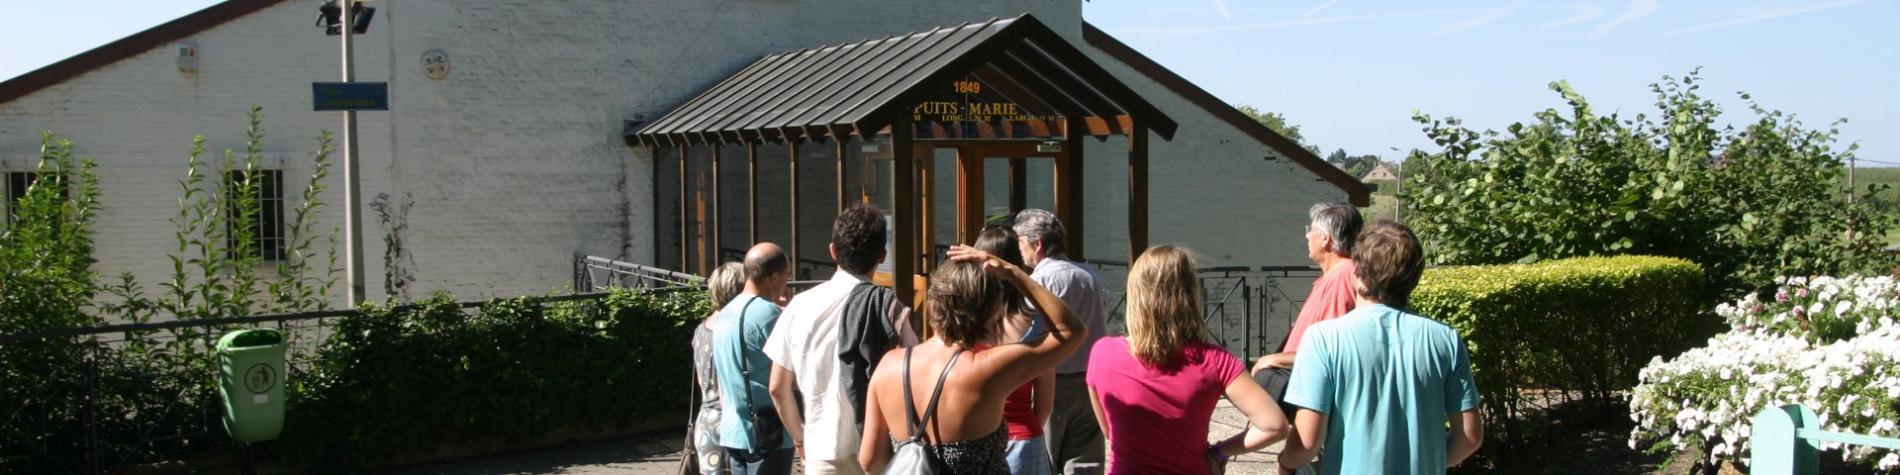 Petit train touristique de Blegny-Mine